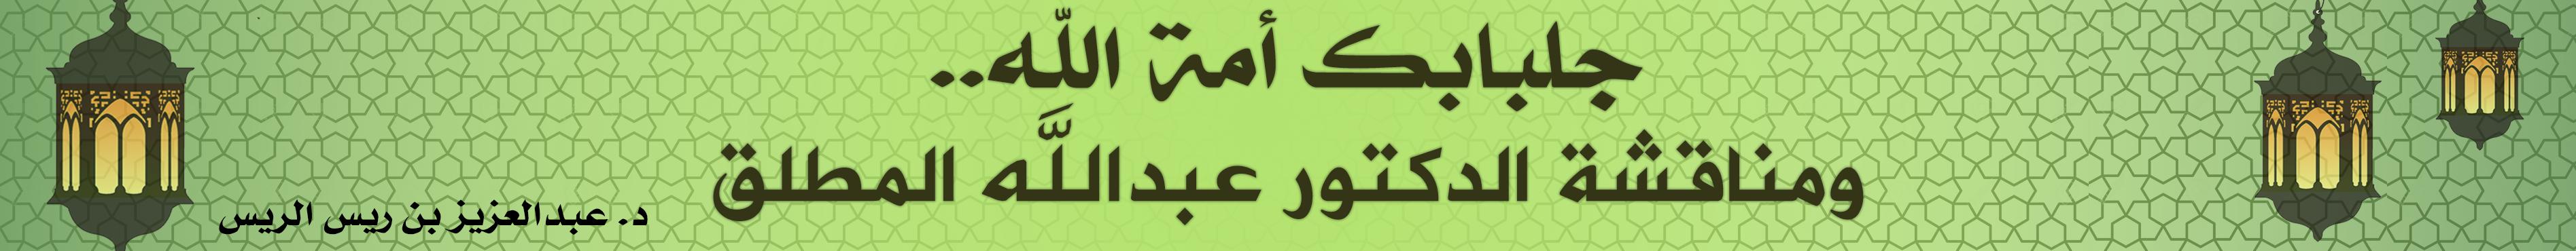 جلبابك أمة الله.. ومناقشة الدكتور عبدالله المطلق